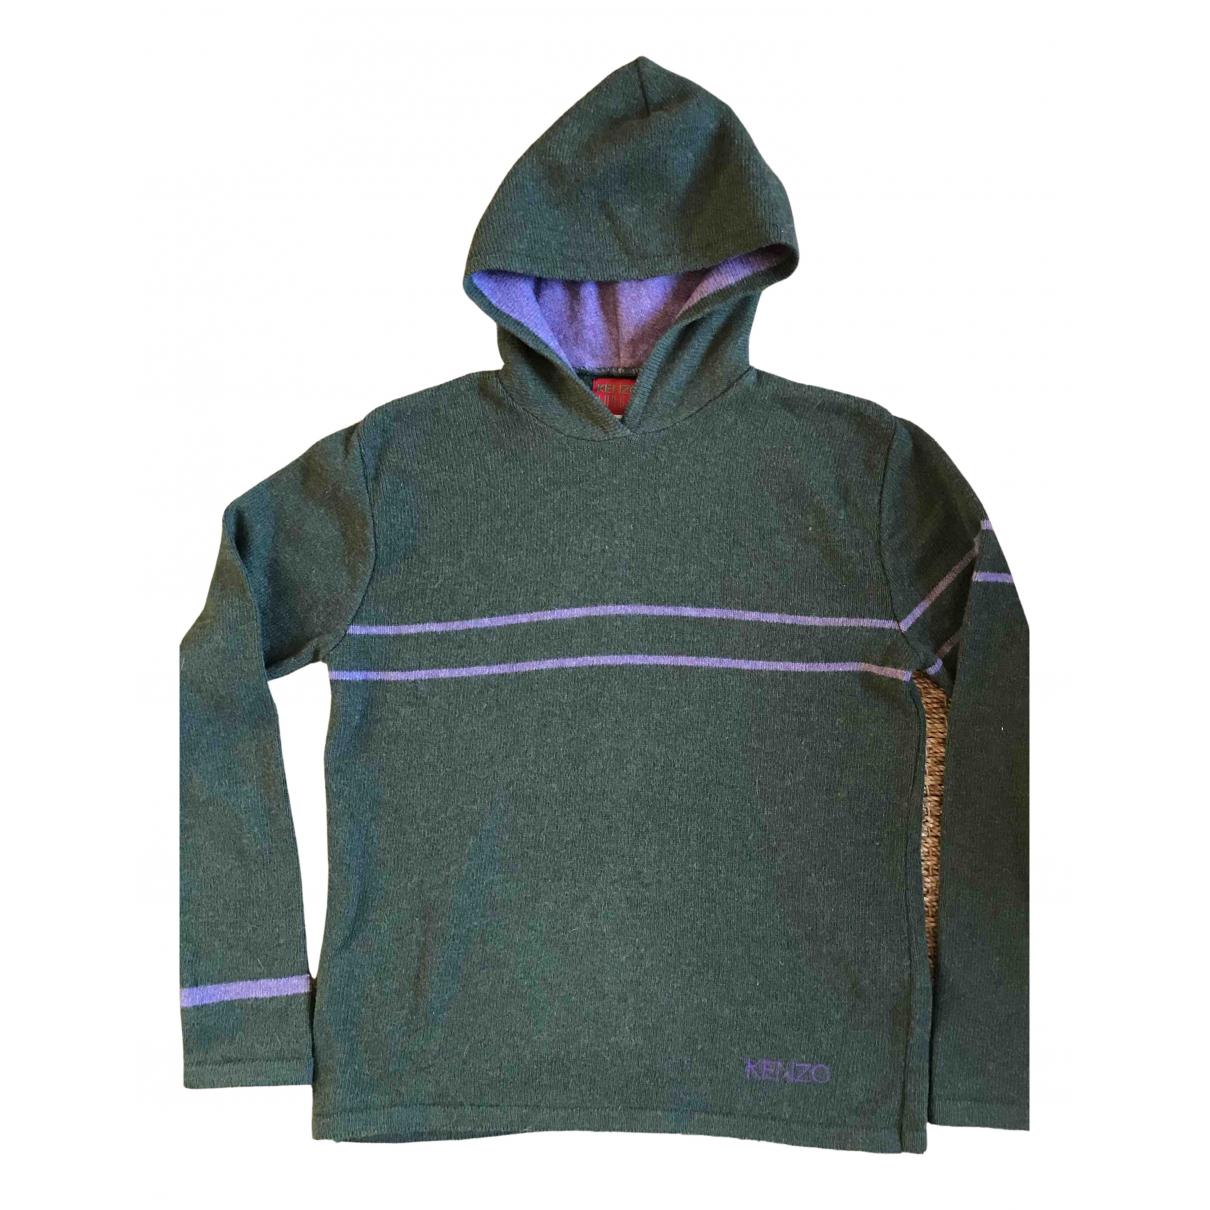 Kenzo N Khaki Wool Knitwear for Women S International